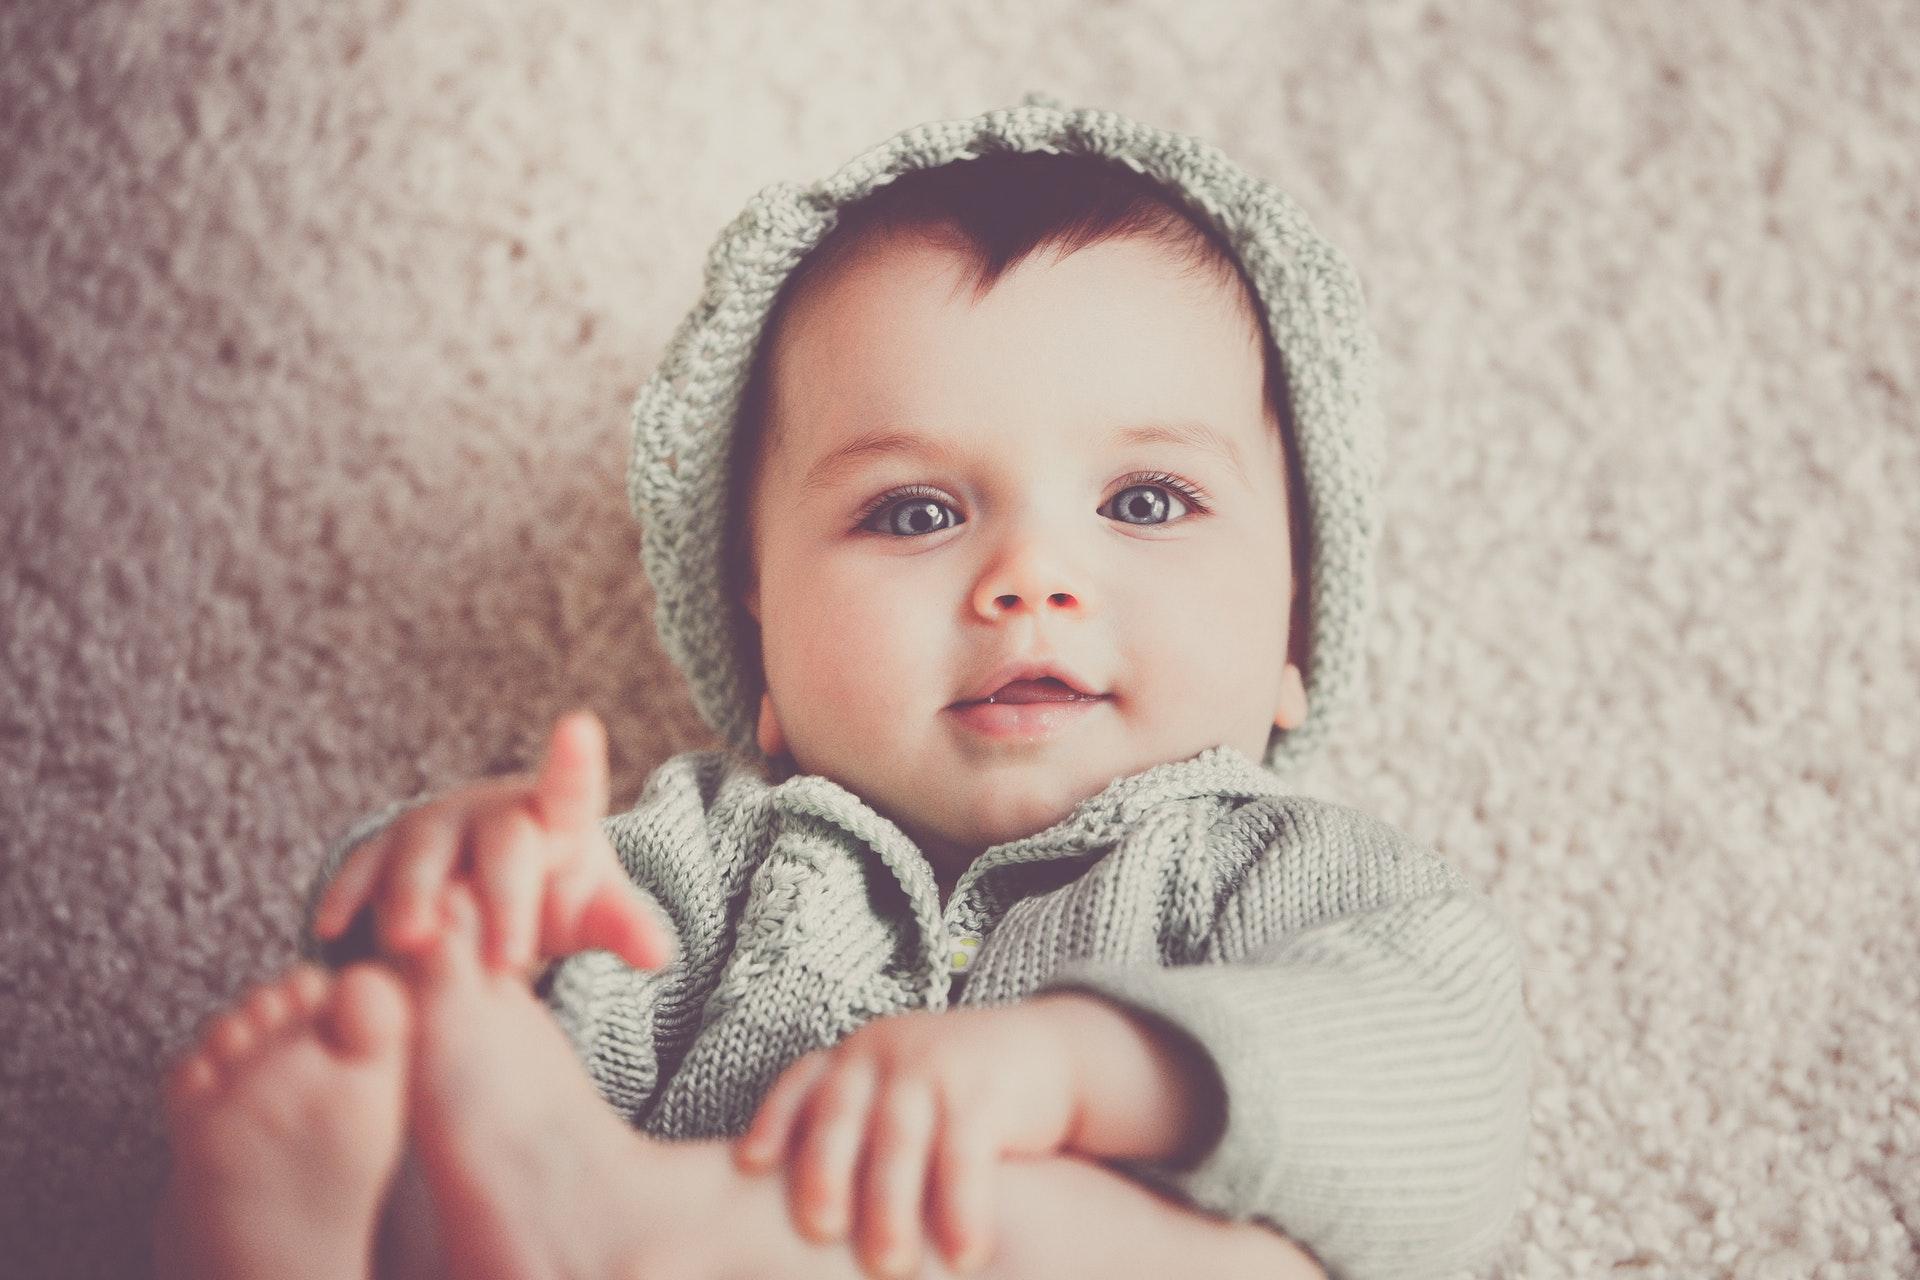 Après avoir eu sa grignoteuse, bébé est content. Il peut faire ses dents et découvrir de nouveaux goûts